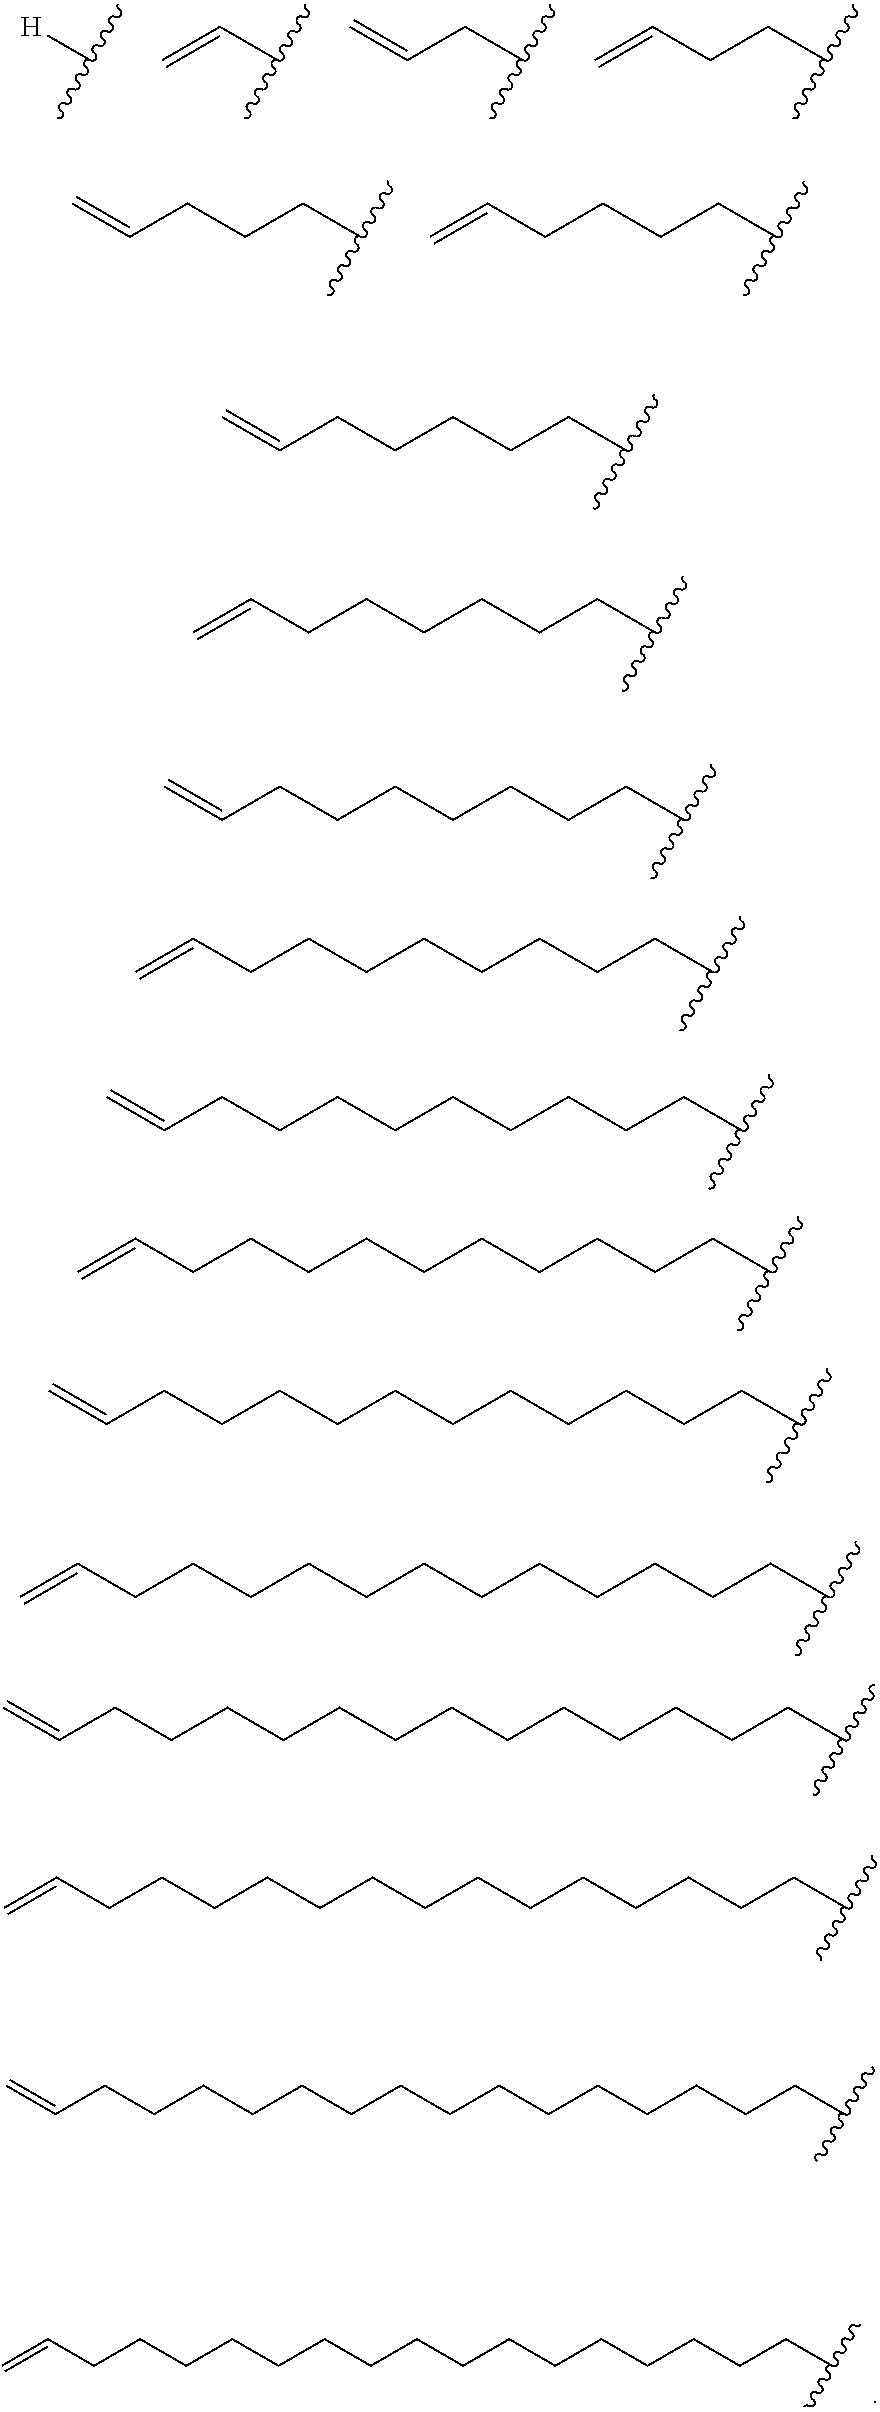 Figure US09193827-20151124-C00046